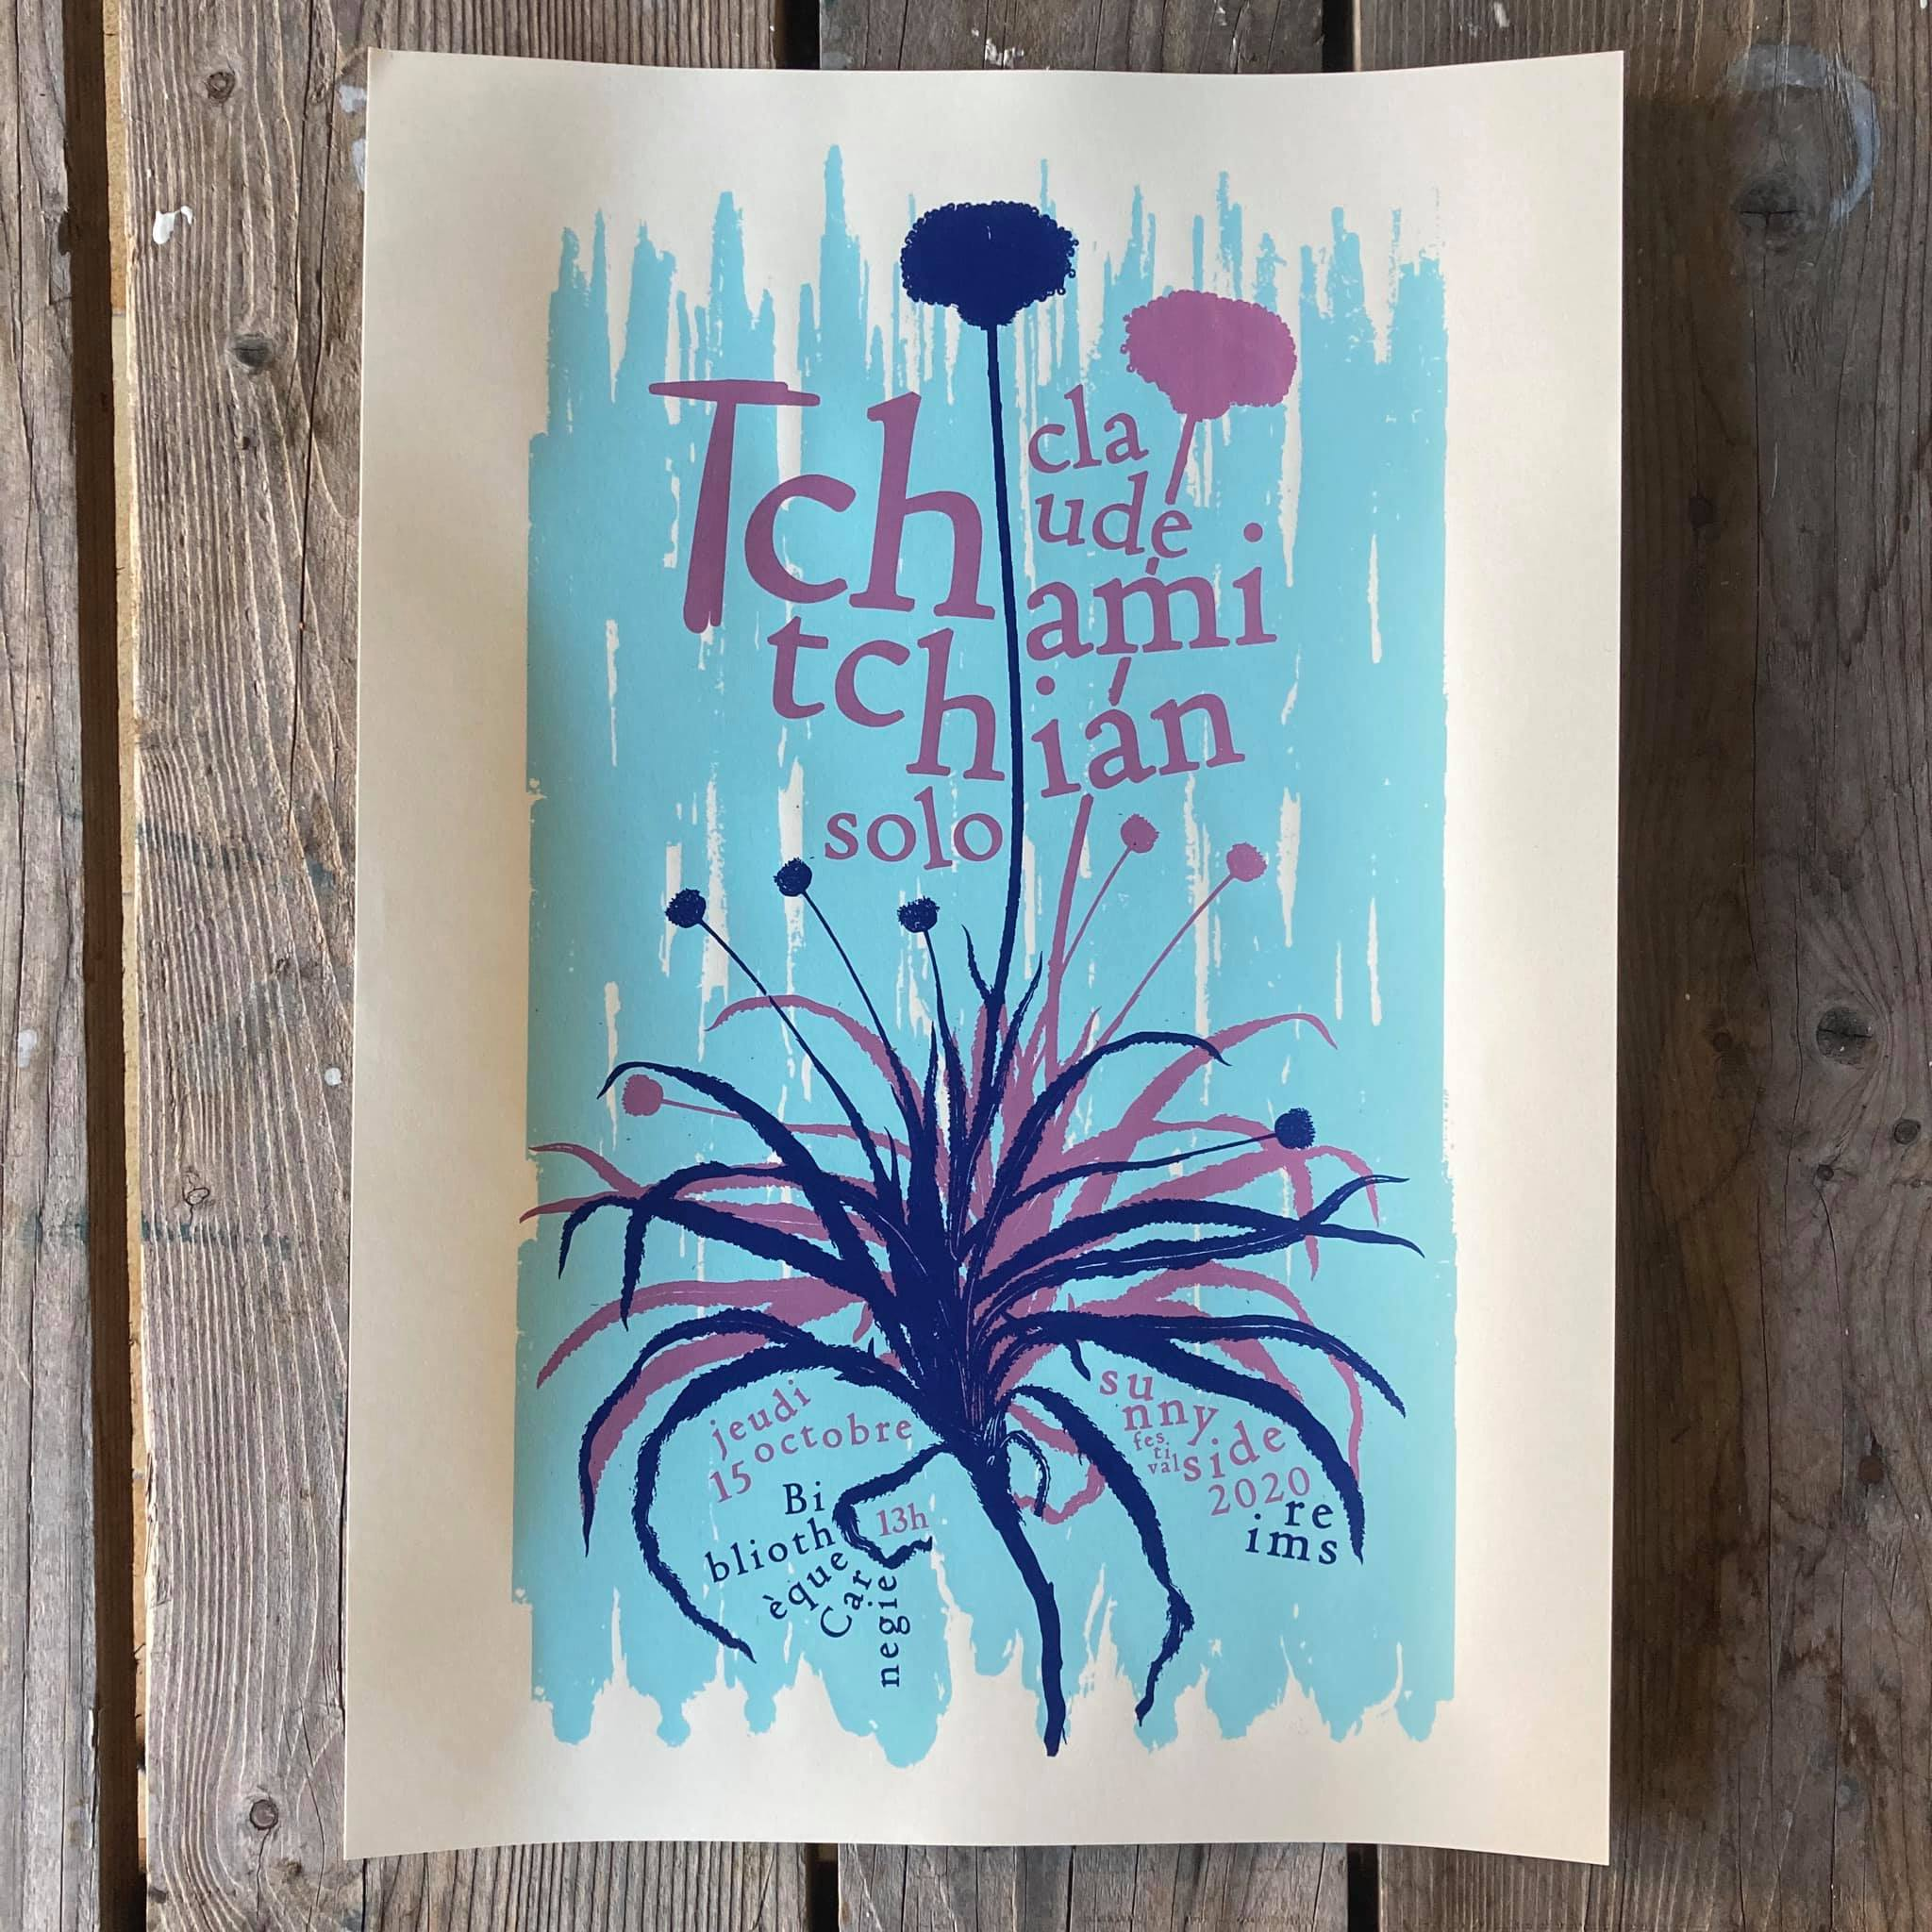 Affiche de Yann Spenser pour le solo de Claude Tchamitchian